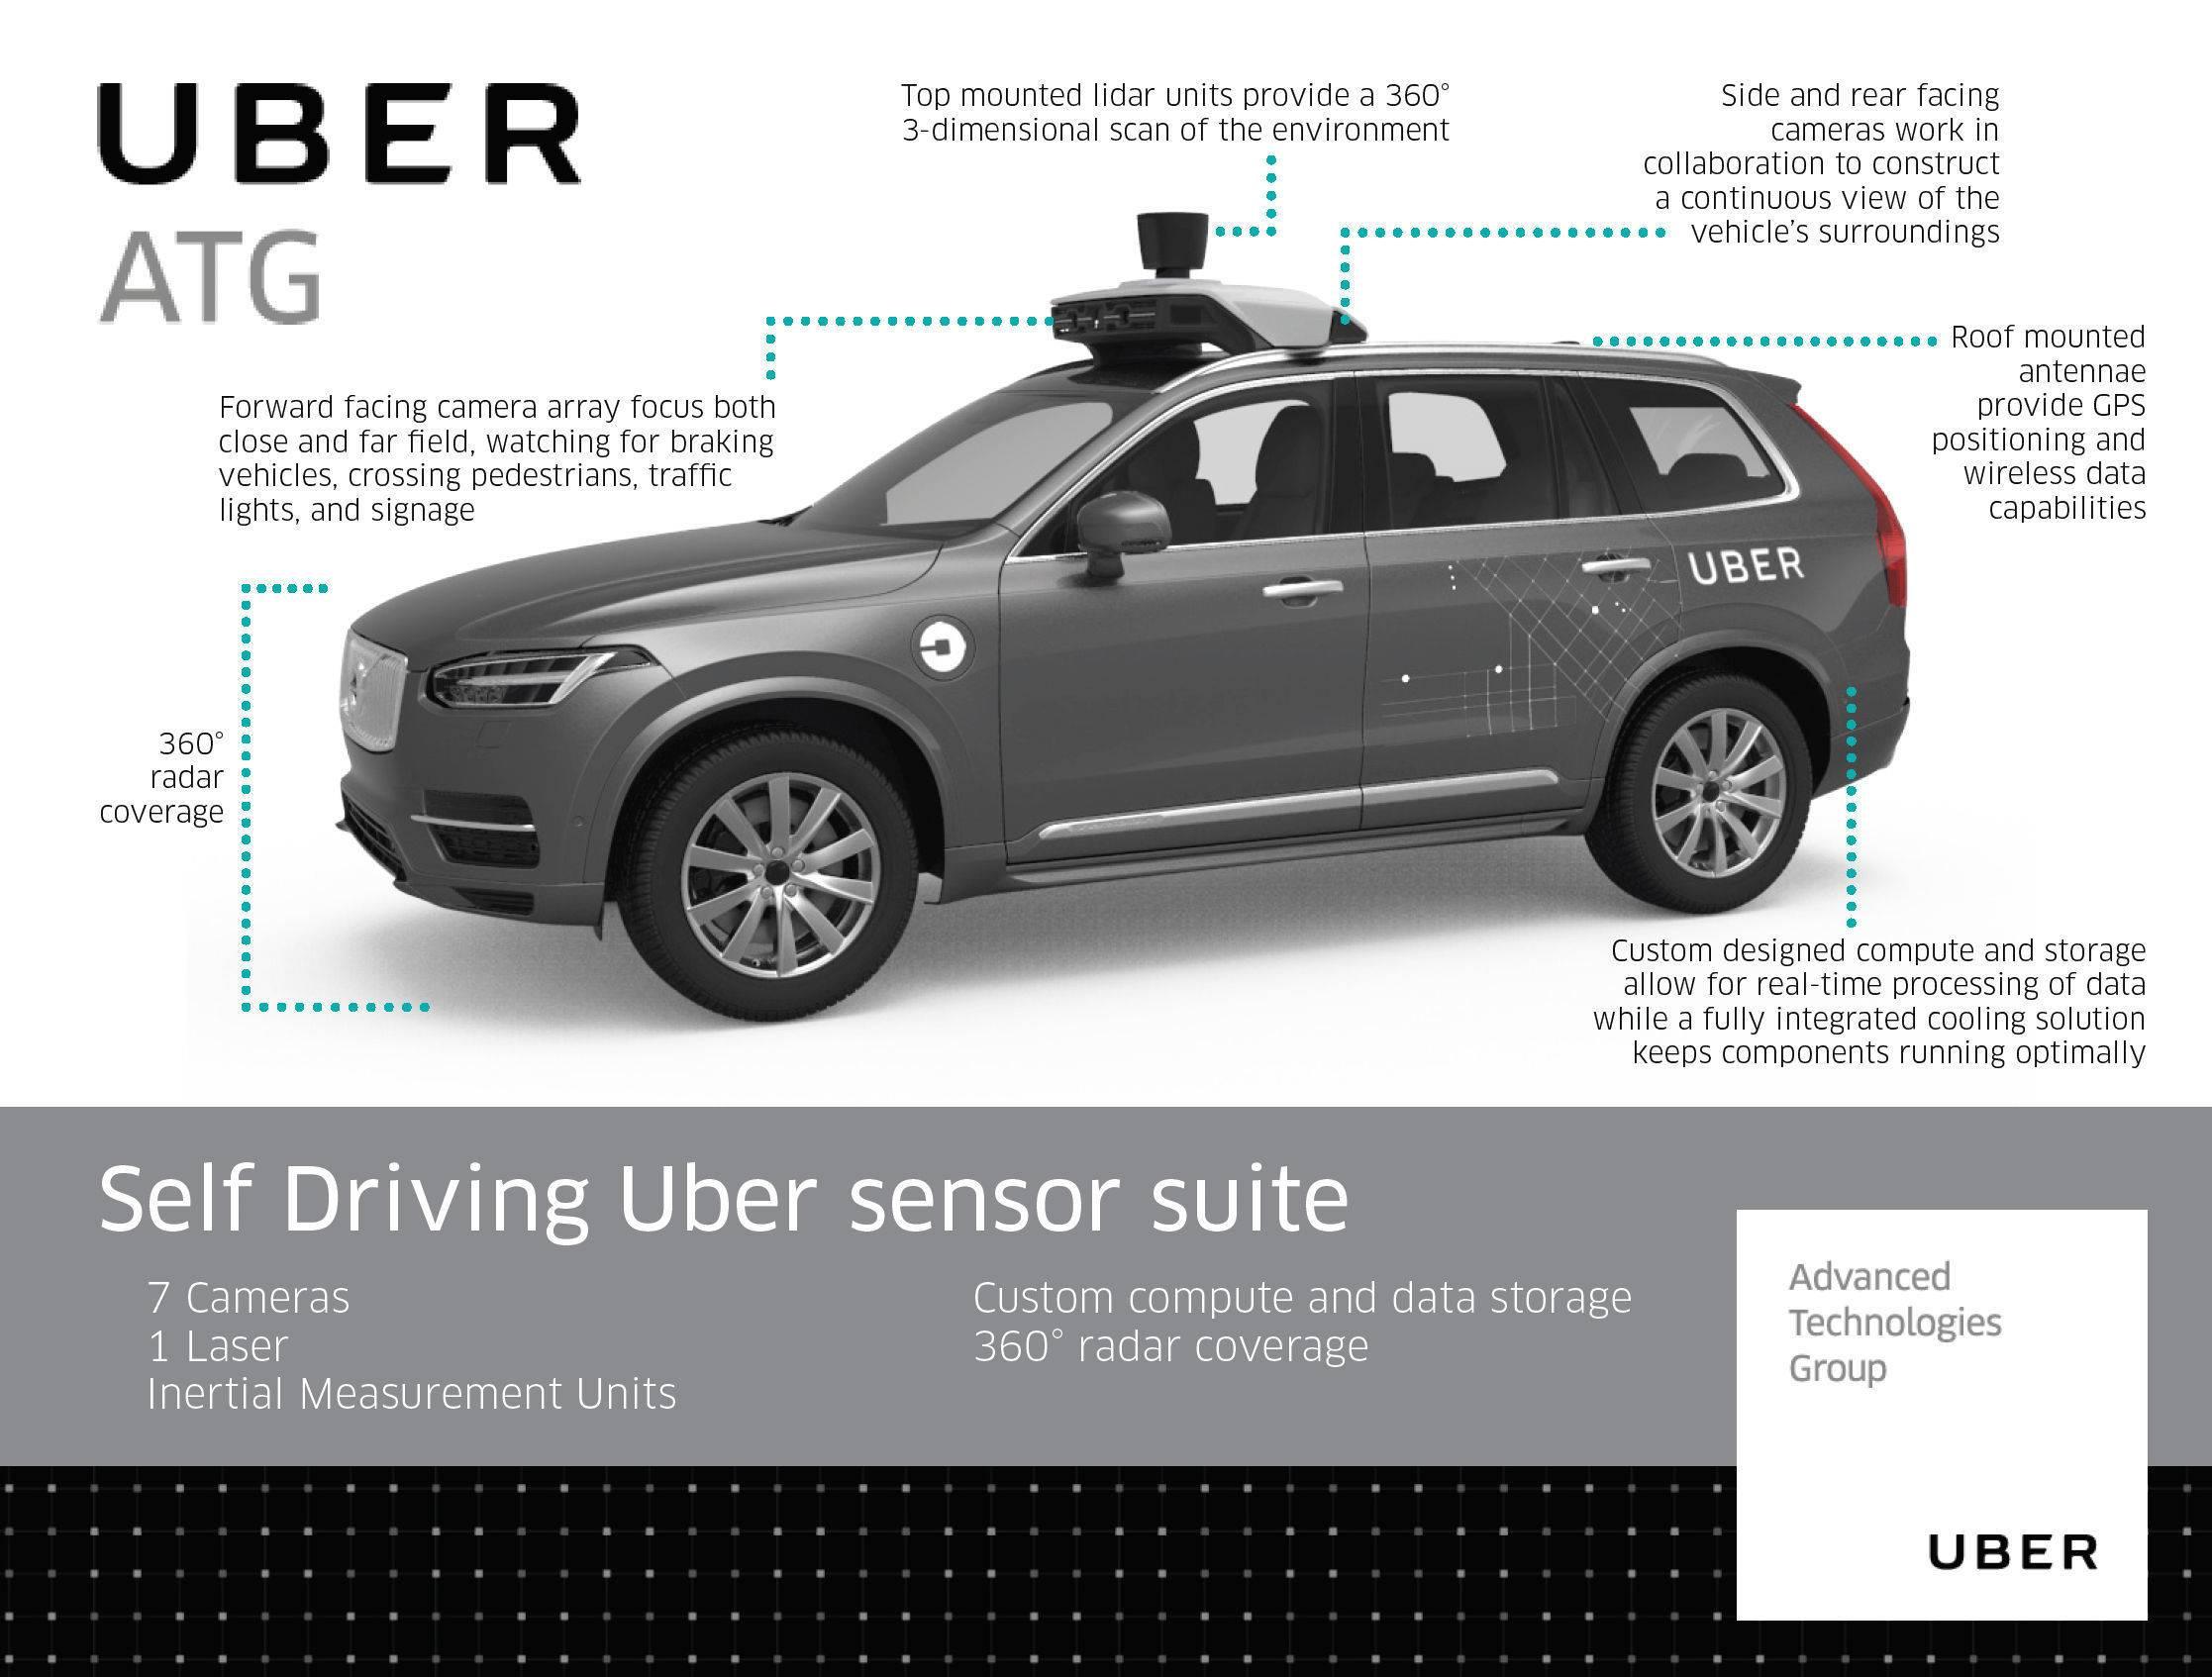 如何评判自动驾驶汽车的安全性